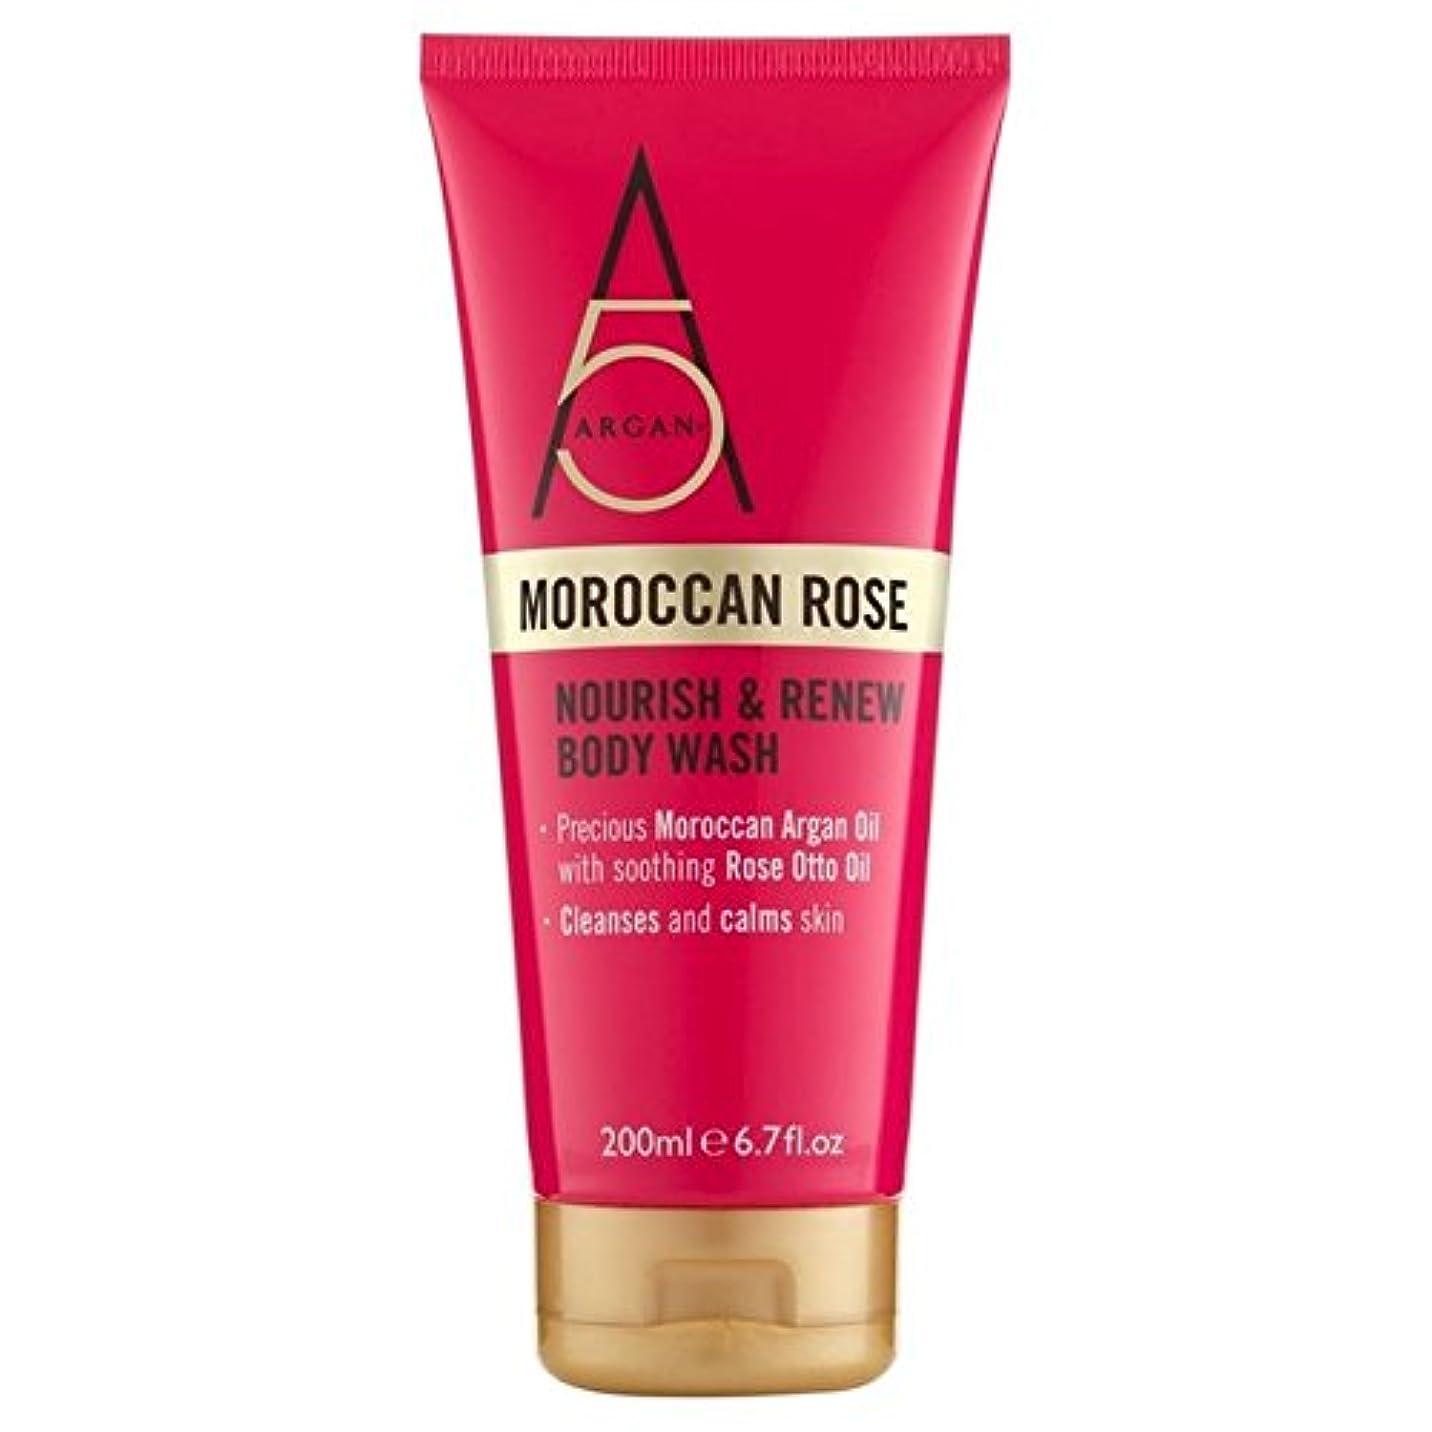 独裁絵スリーブアルガン+モロッコは、ボディウォッシュ300ミリリットルをバラ x4 - Argan+ Moroccan Rose Body Wash 300ml (Pack of 4) [並行輸入品]